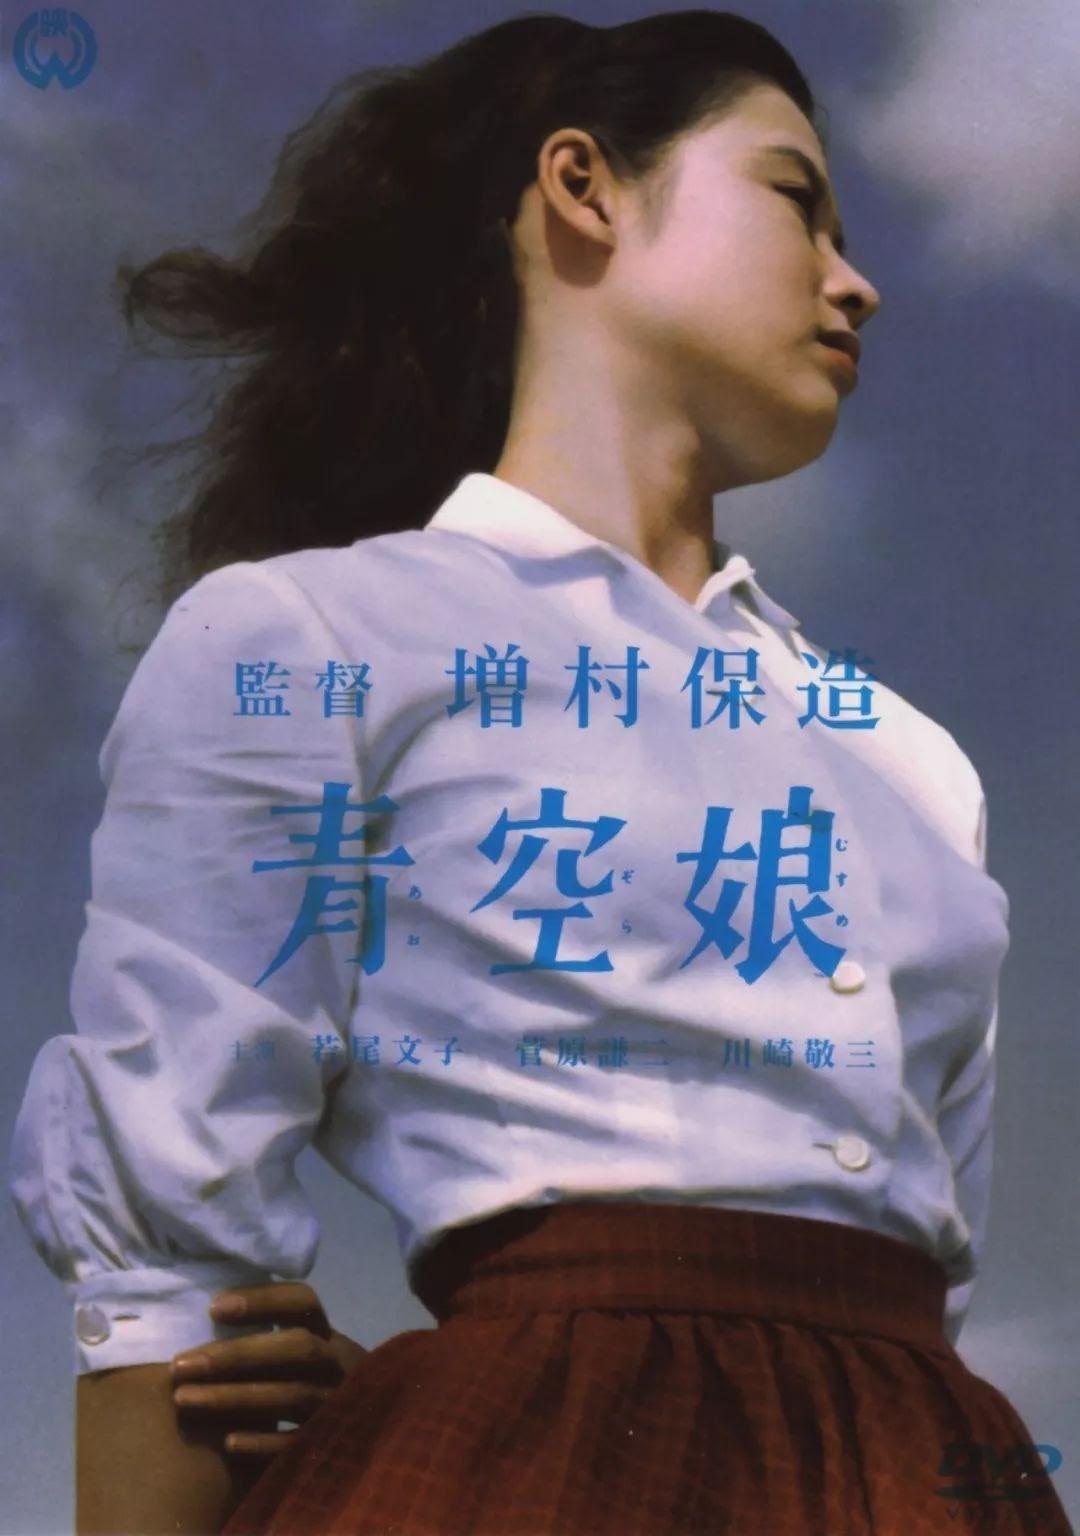 增村保造是日本新浪潮前期的導演,他與演員若尾文子合作過多部電影,包括《青空娘》。(翻攝自wemp.app)